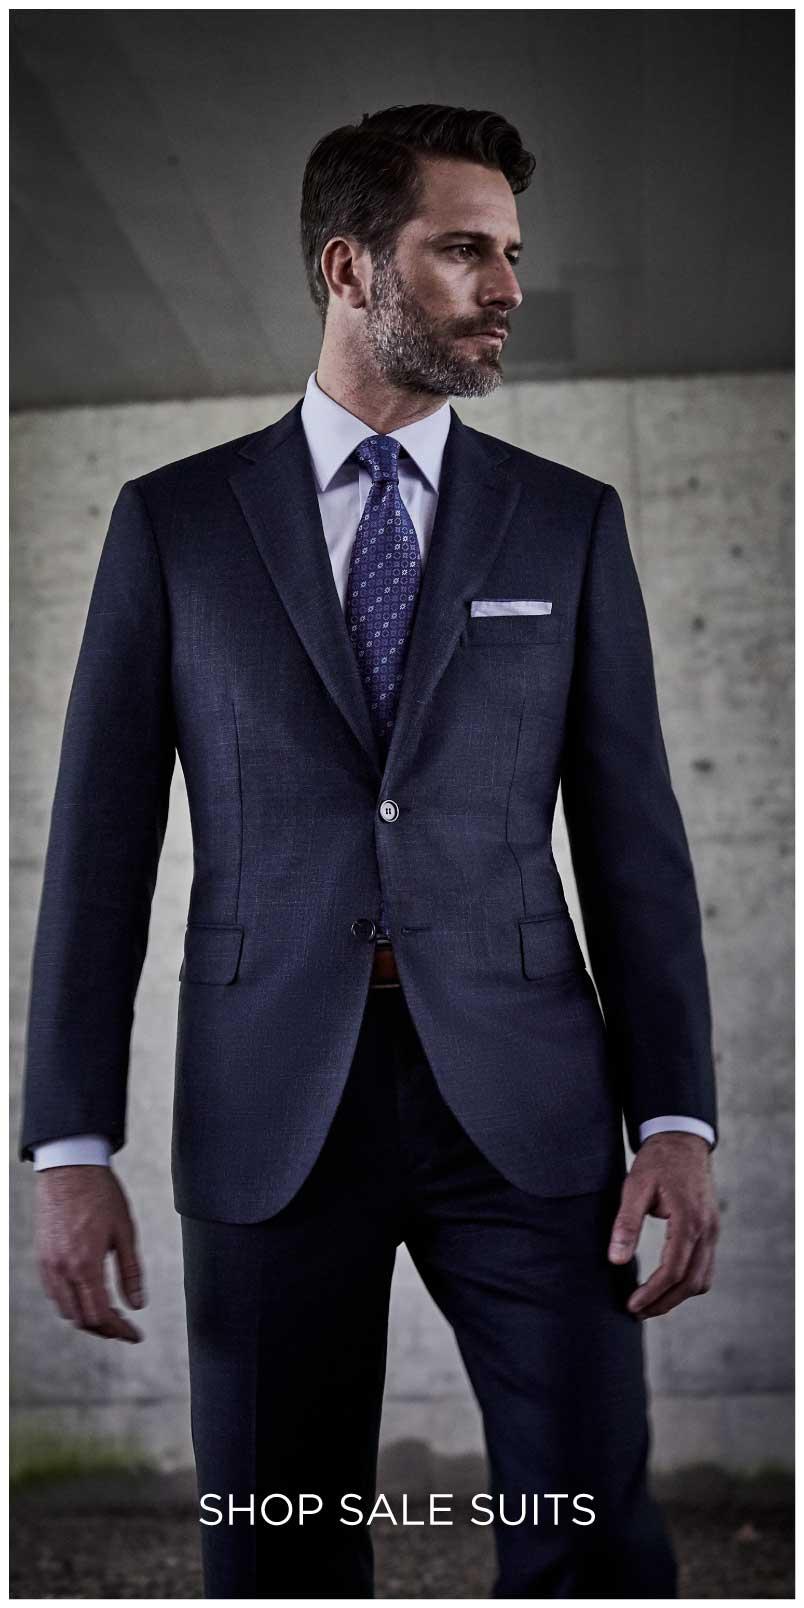 Men's Sale Suits